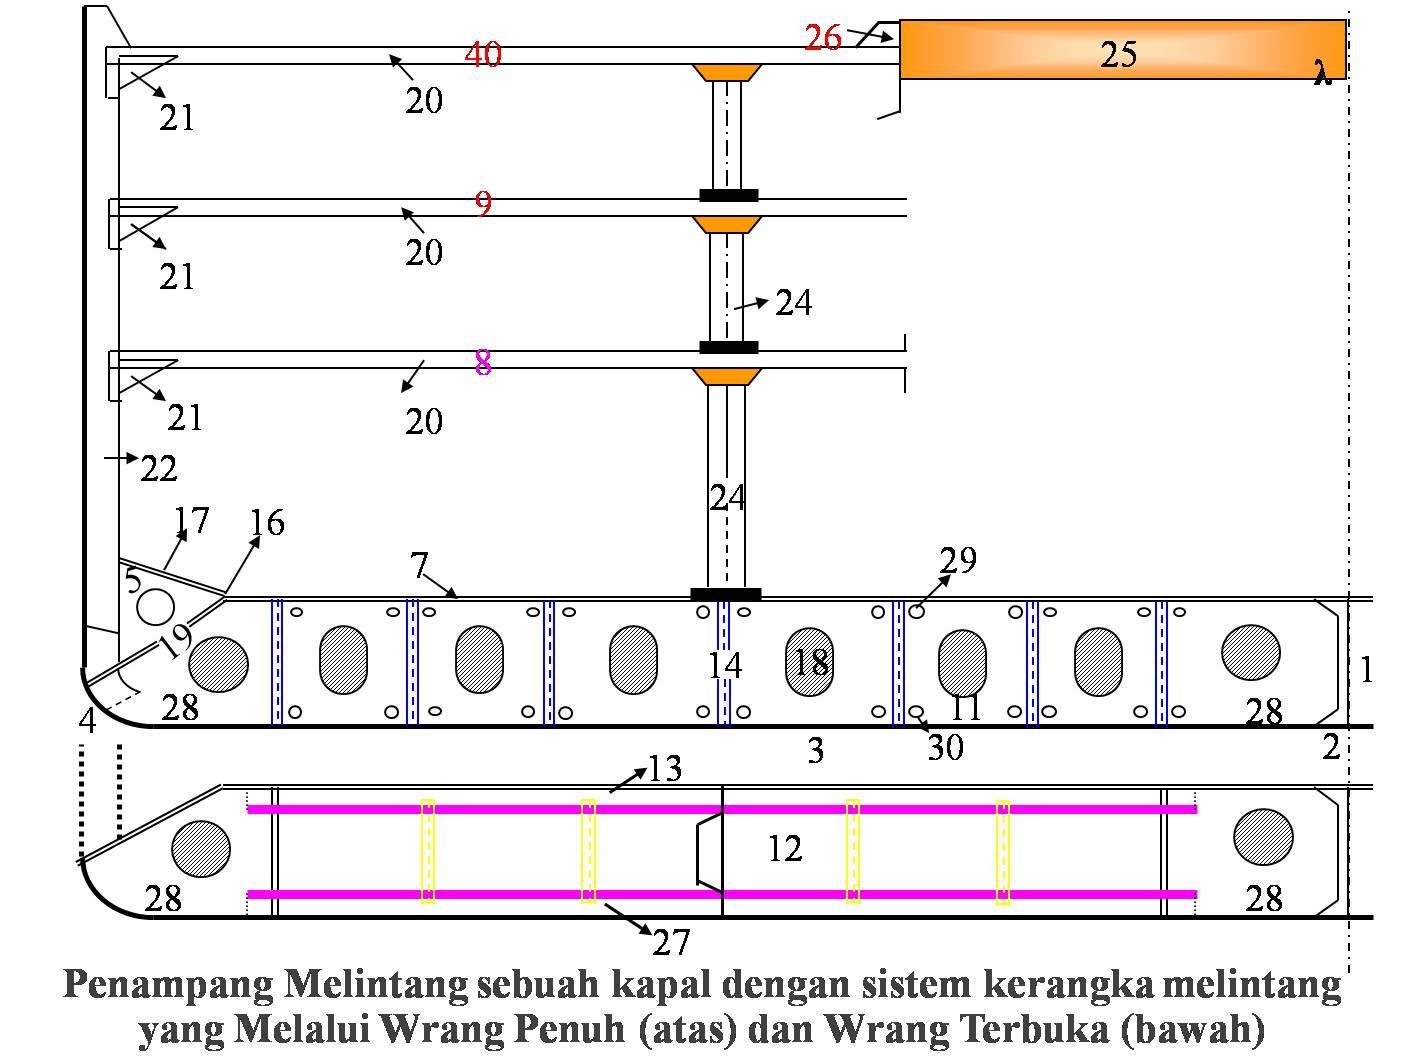 Gambar Ilmu bangunan Kapal